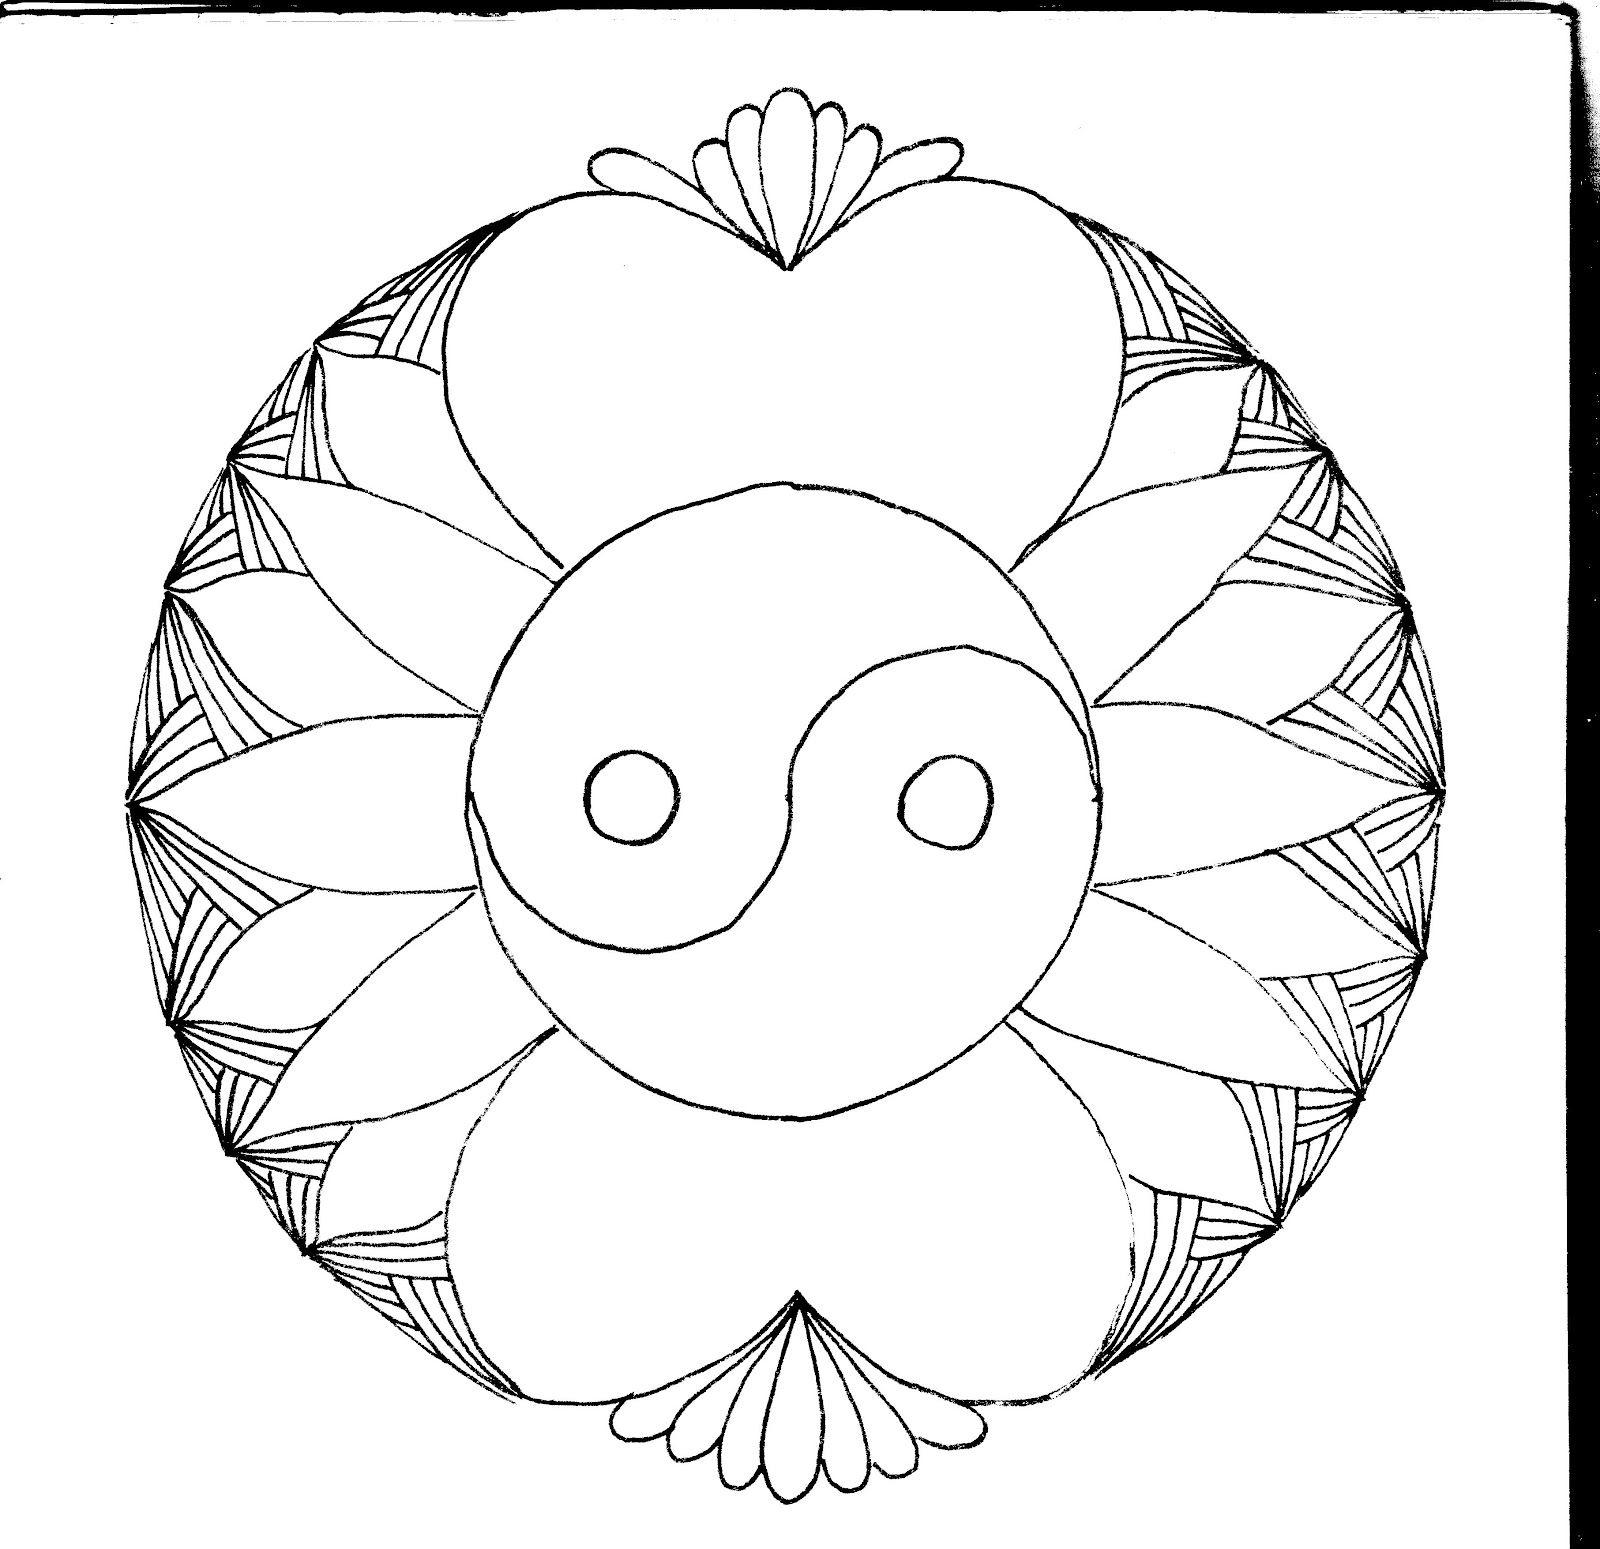 Yin yang coloring sheets - Ying Yang Coloring Pages